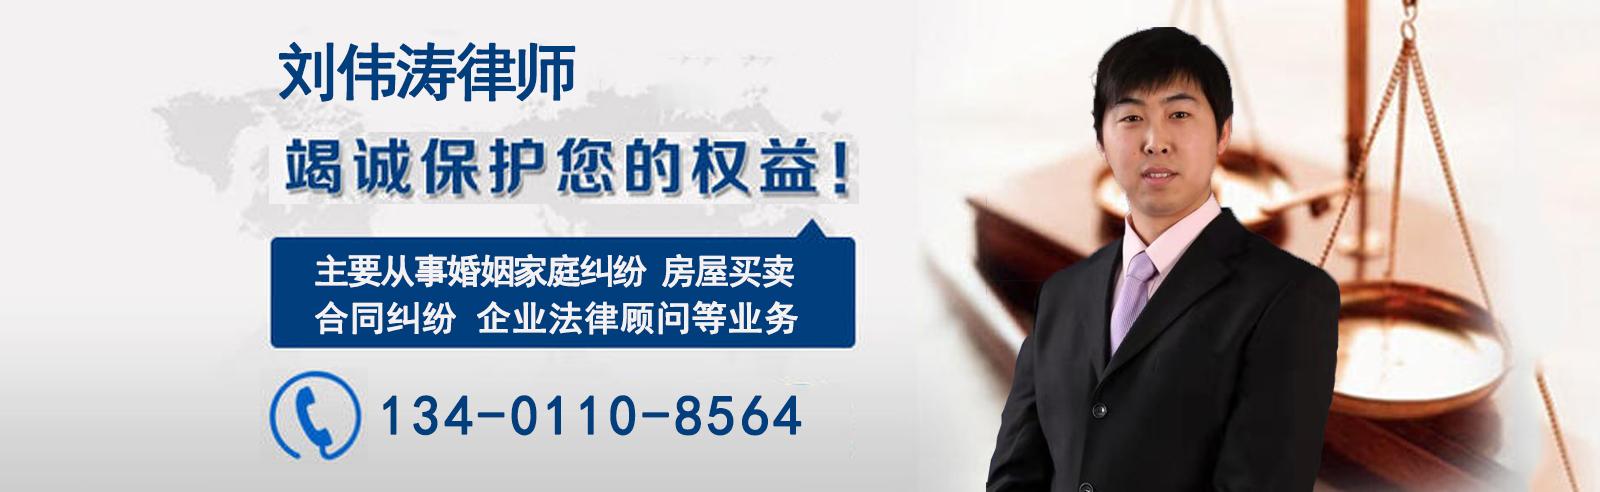 北京婚姻家庭纠纷律师